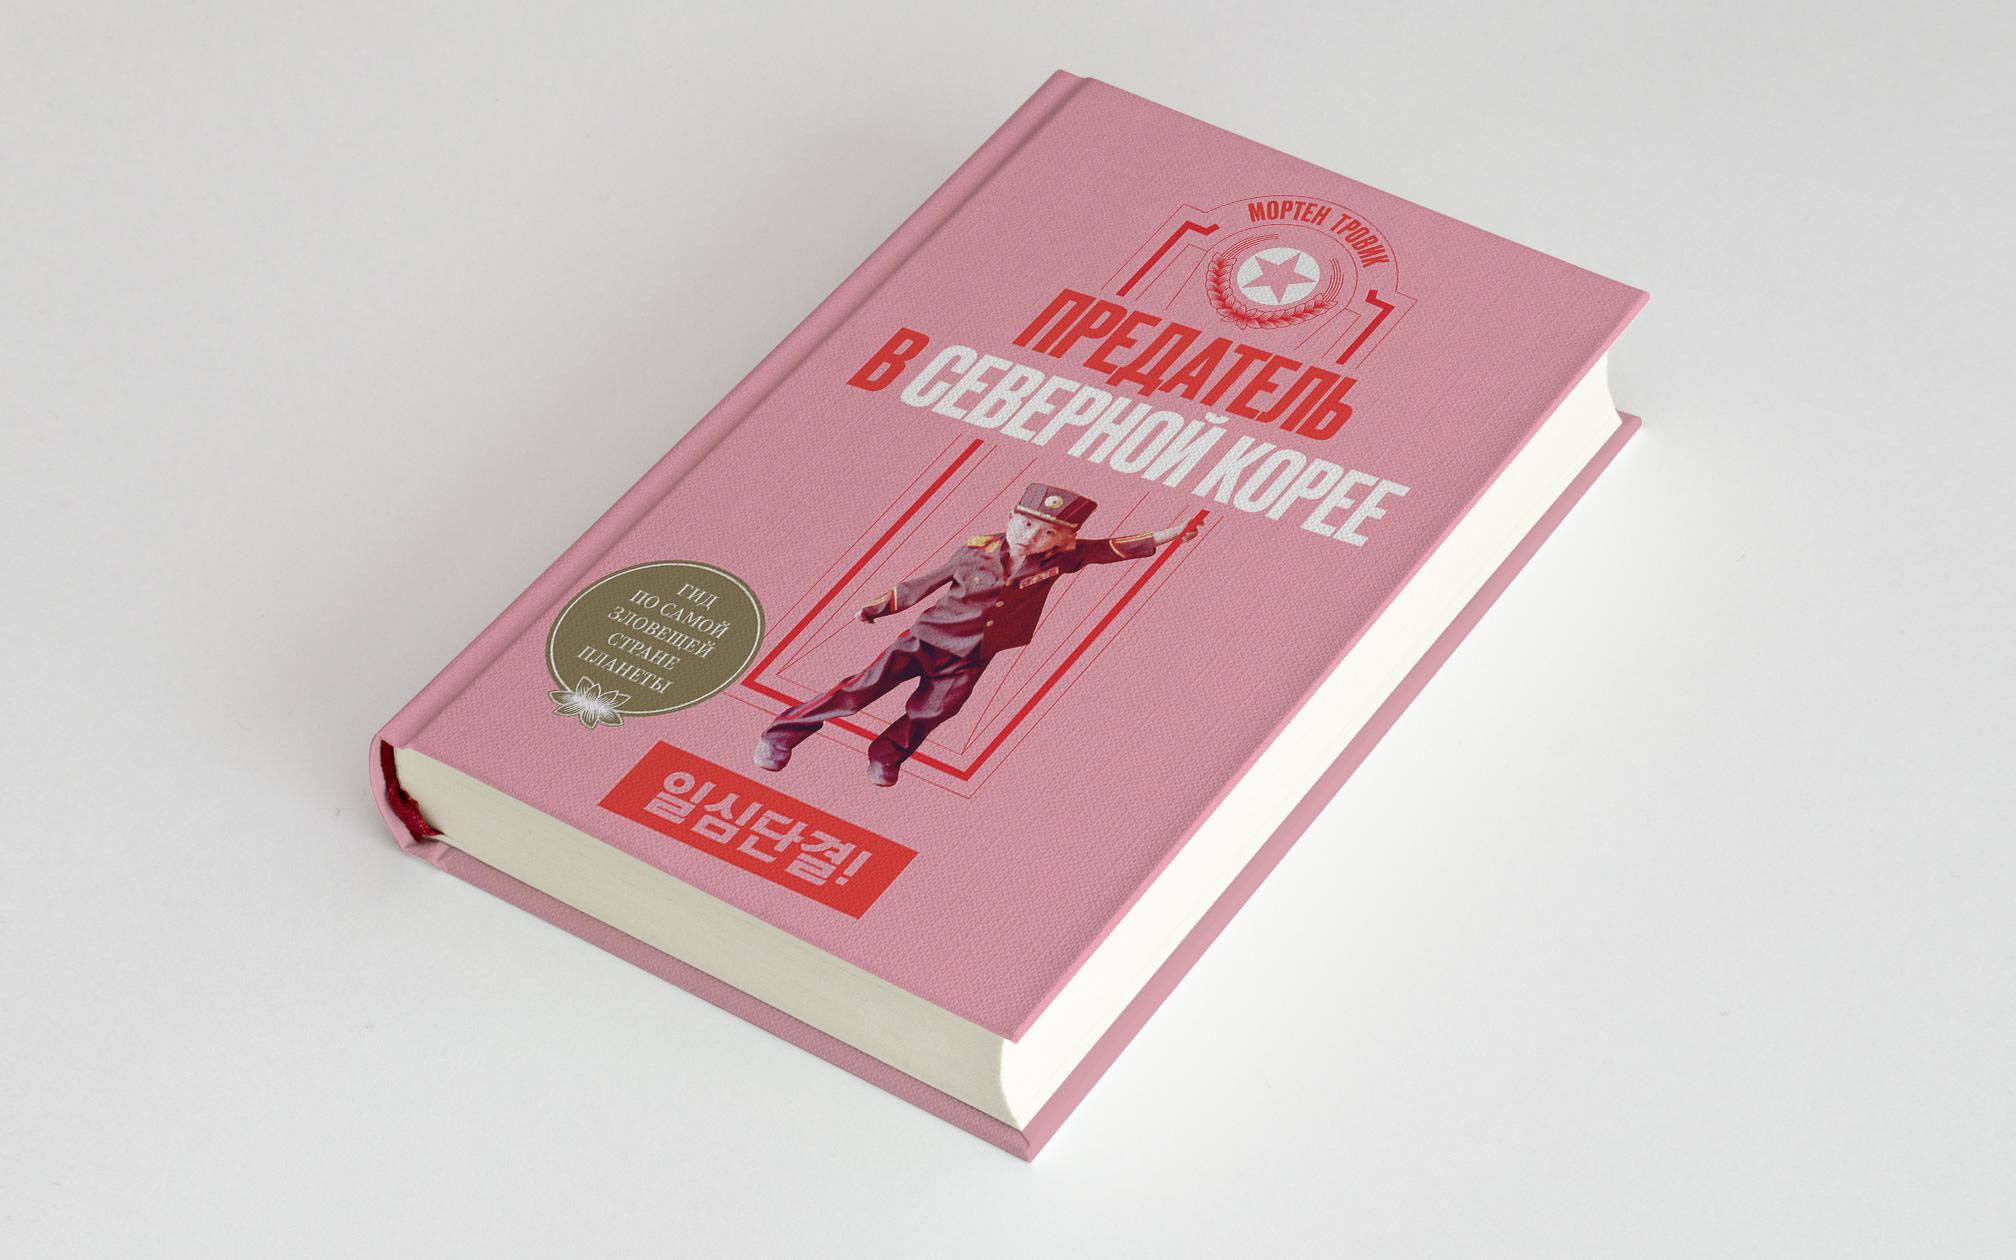 М.: Individuum, перевод снорвежского Евгении Воробьевой